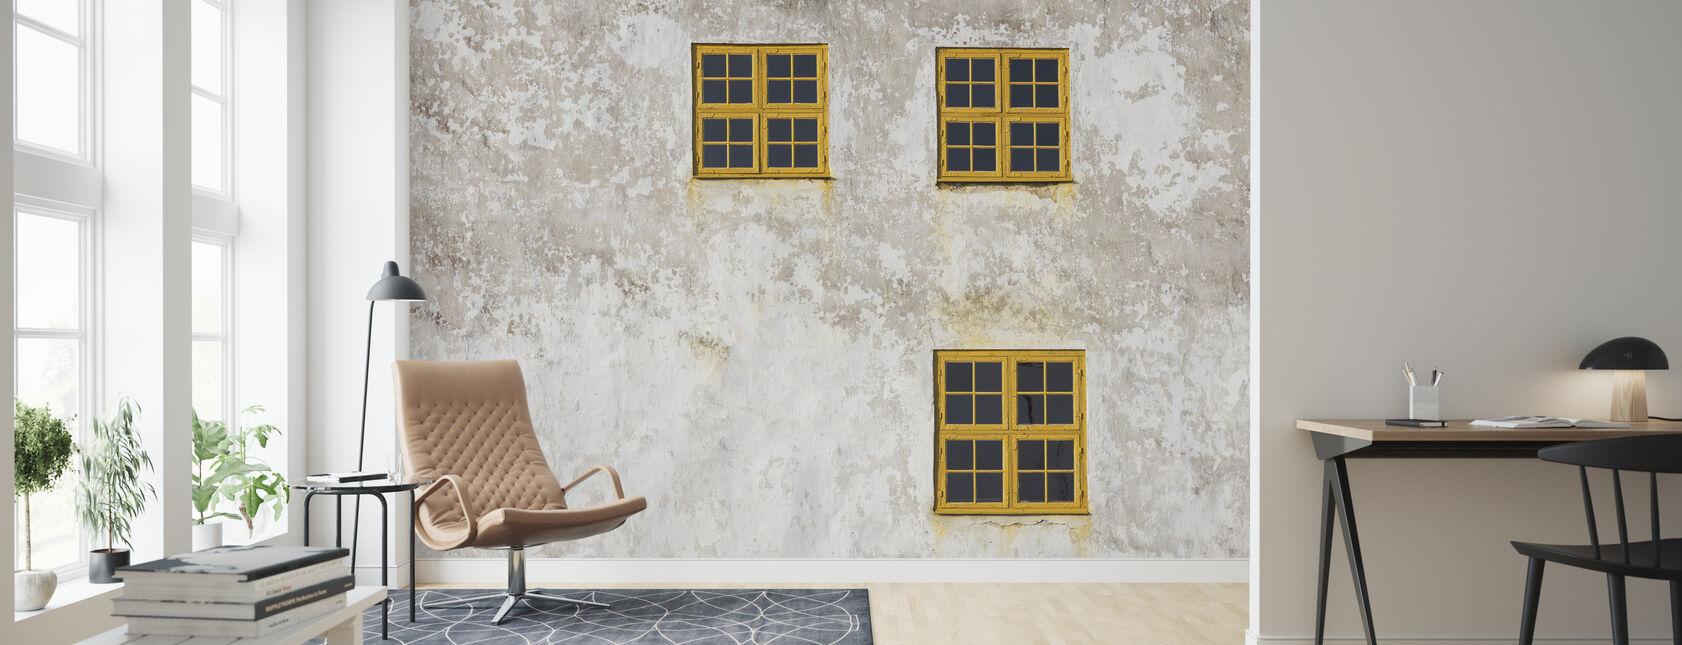 Vanha seinä ikkunoilla - Tapetti - Olohuone